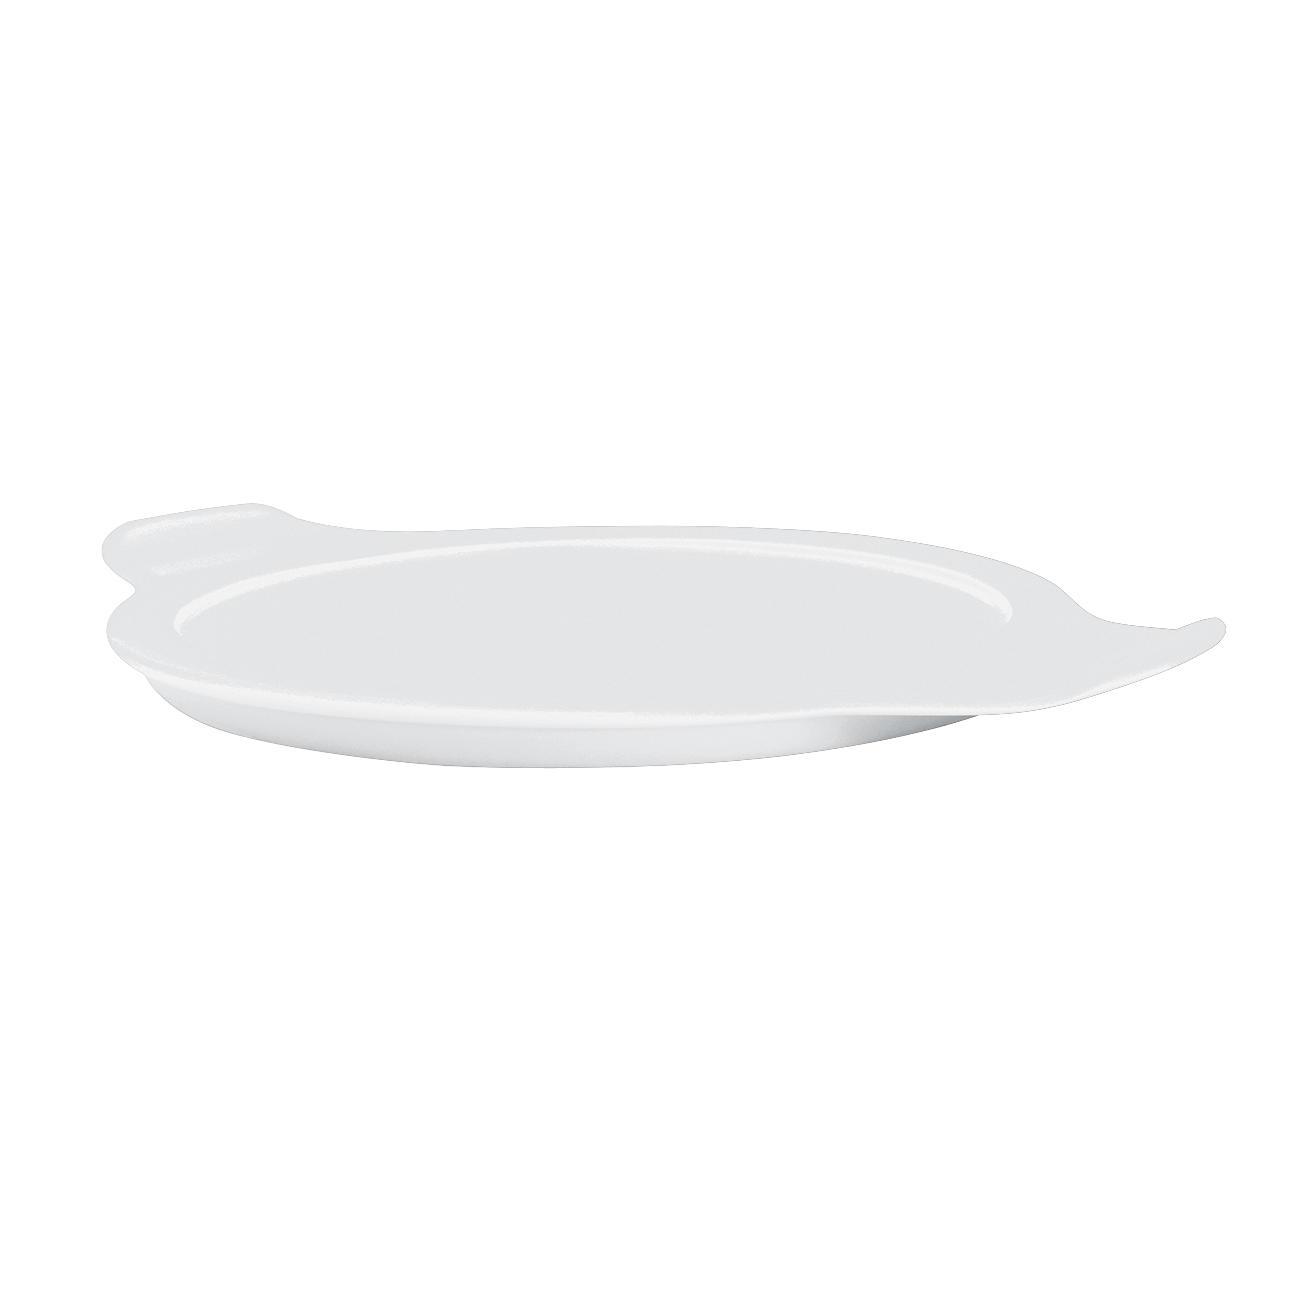 Eschenbach inducTherm Portionsschale 0,5 L, Weiß kaufen